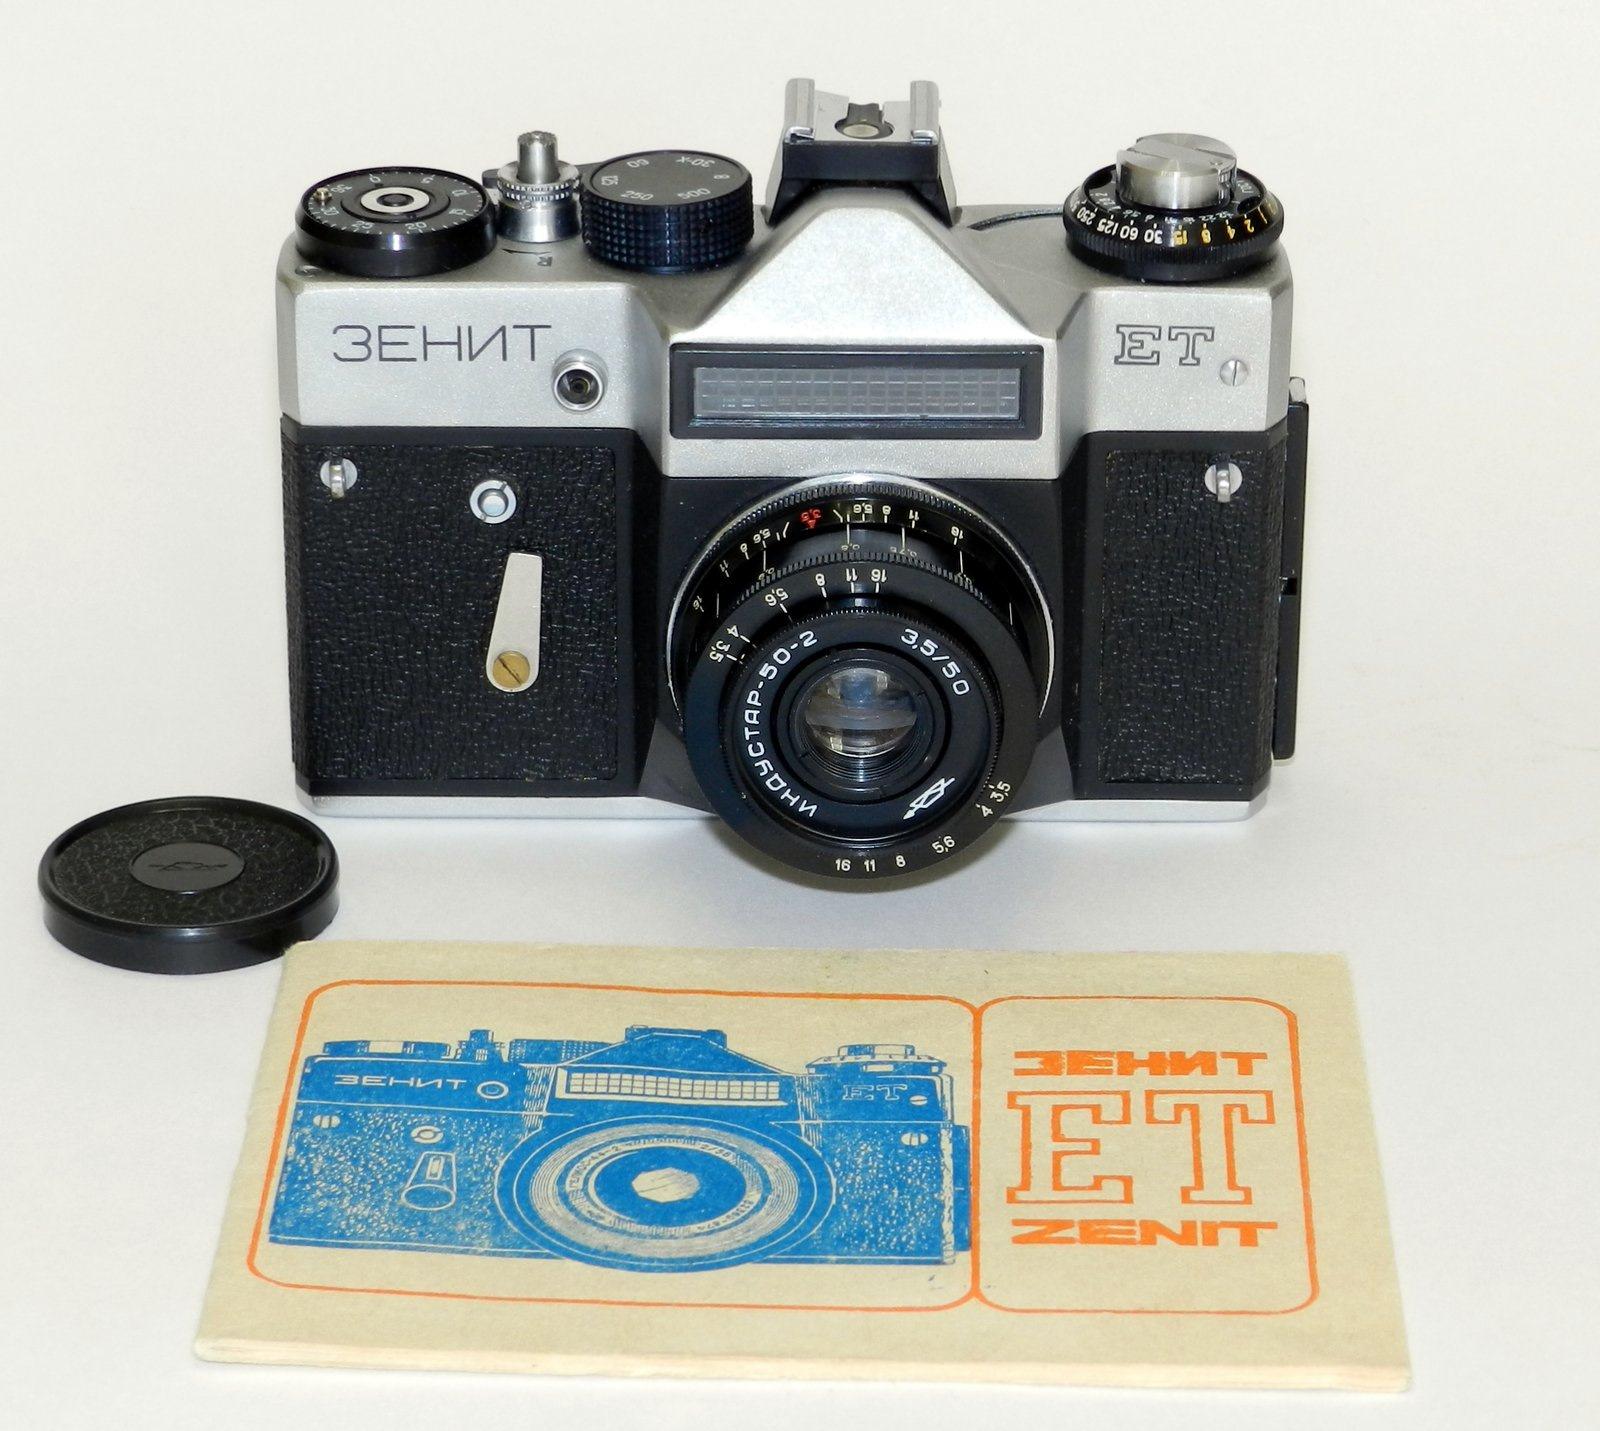 самых необычных, коллекционные фотоаппараты зенит показывает